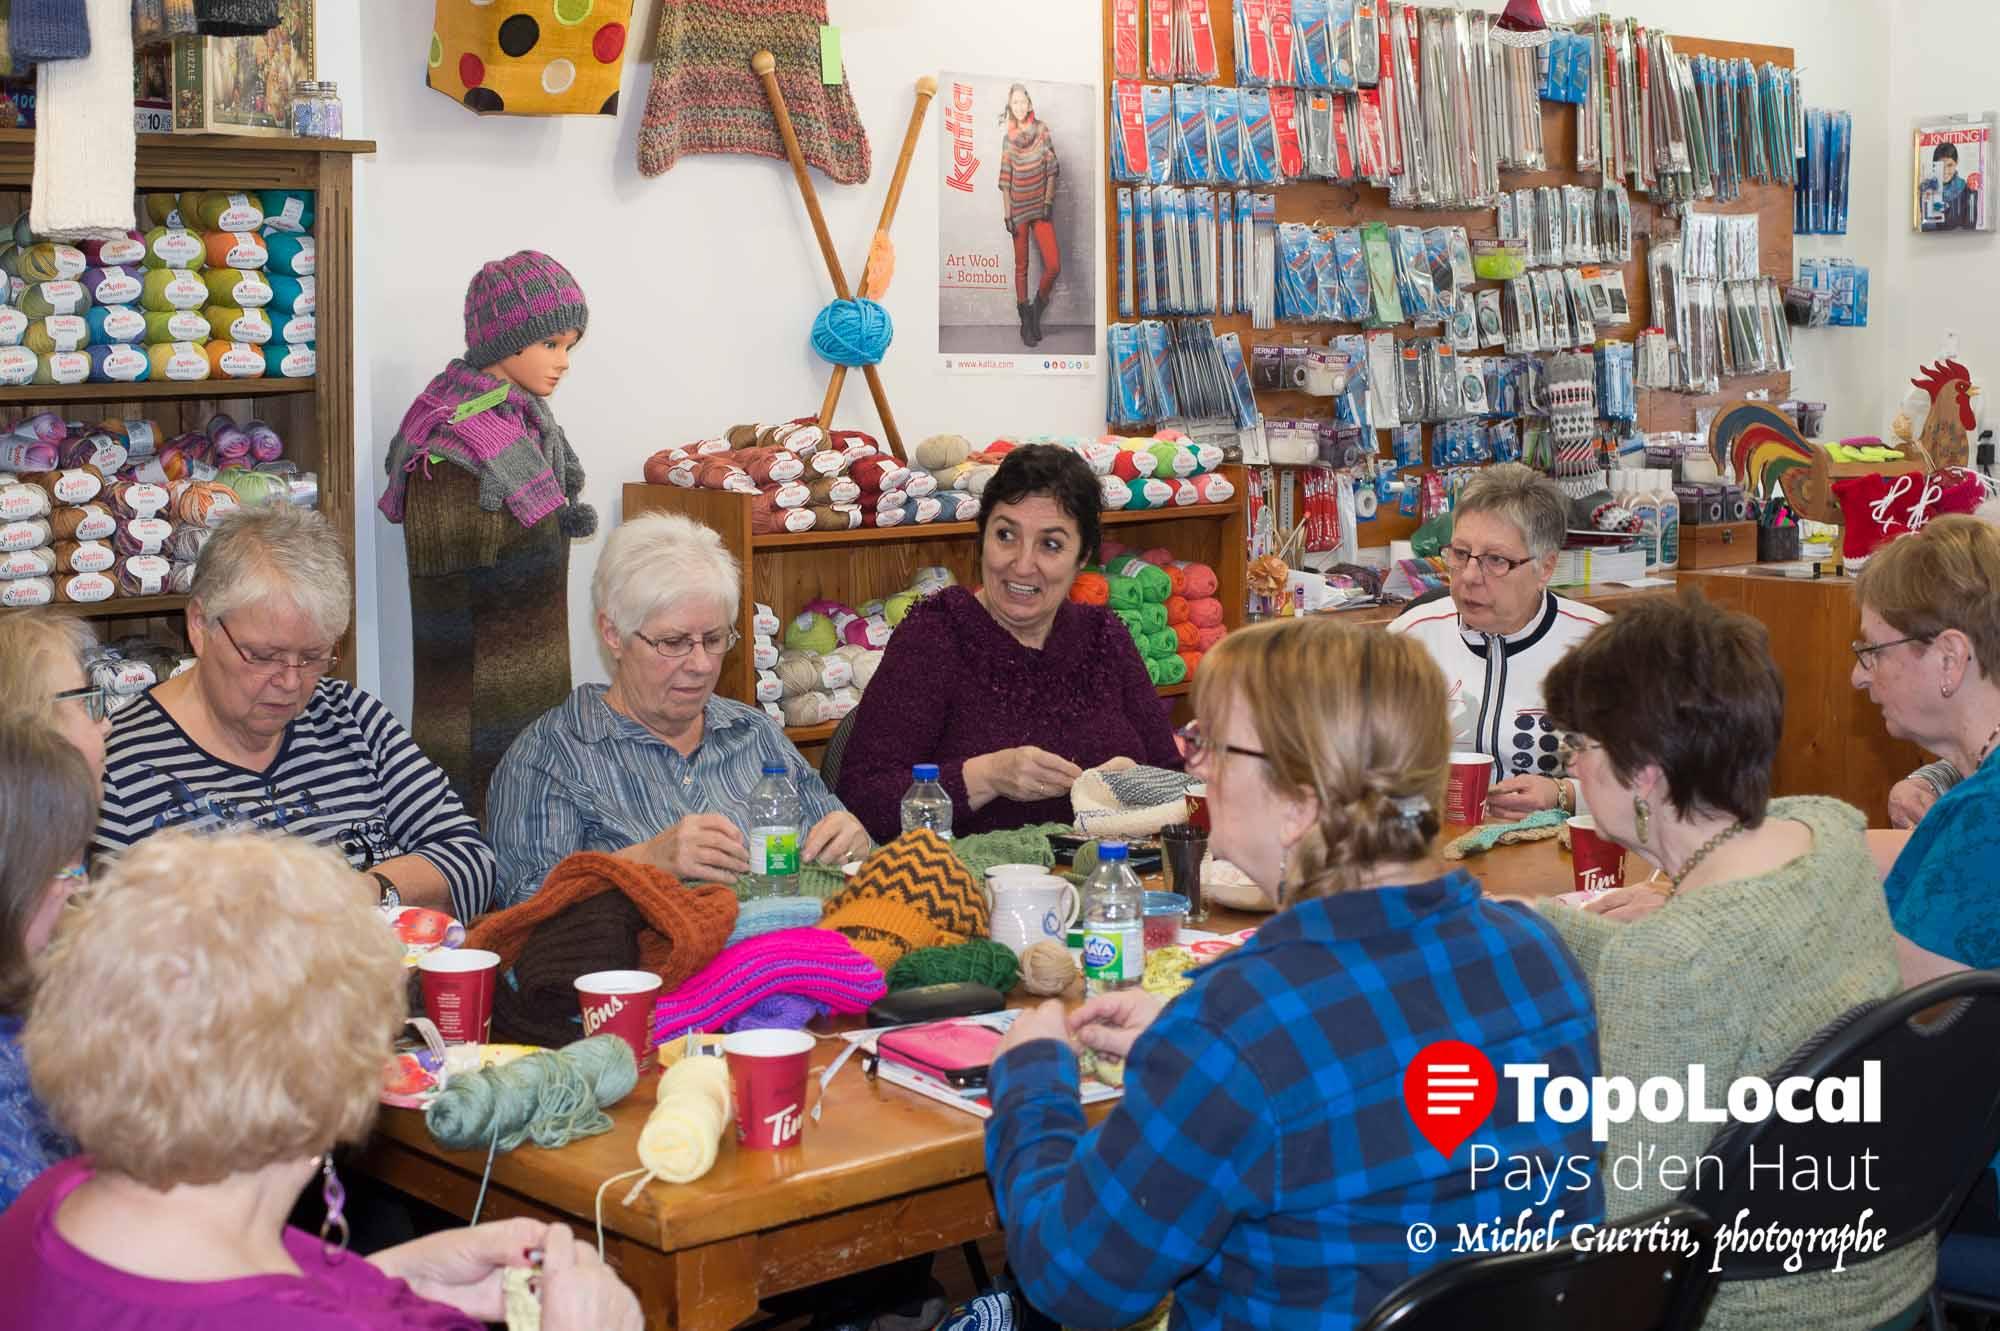 Une ambiance joyeuse permet à ces dames d'échanger sur plusieurs sujets.